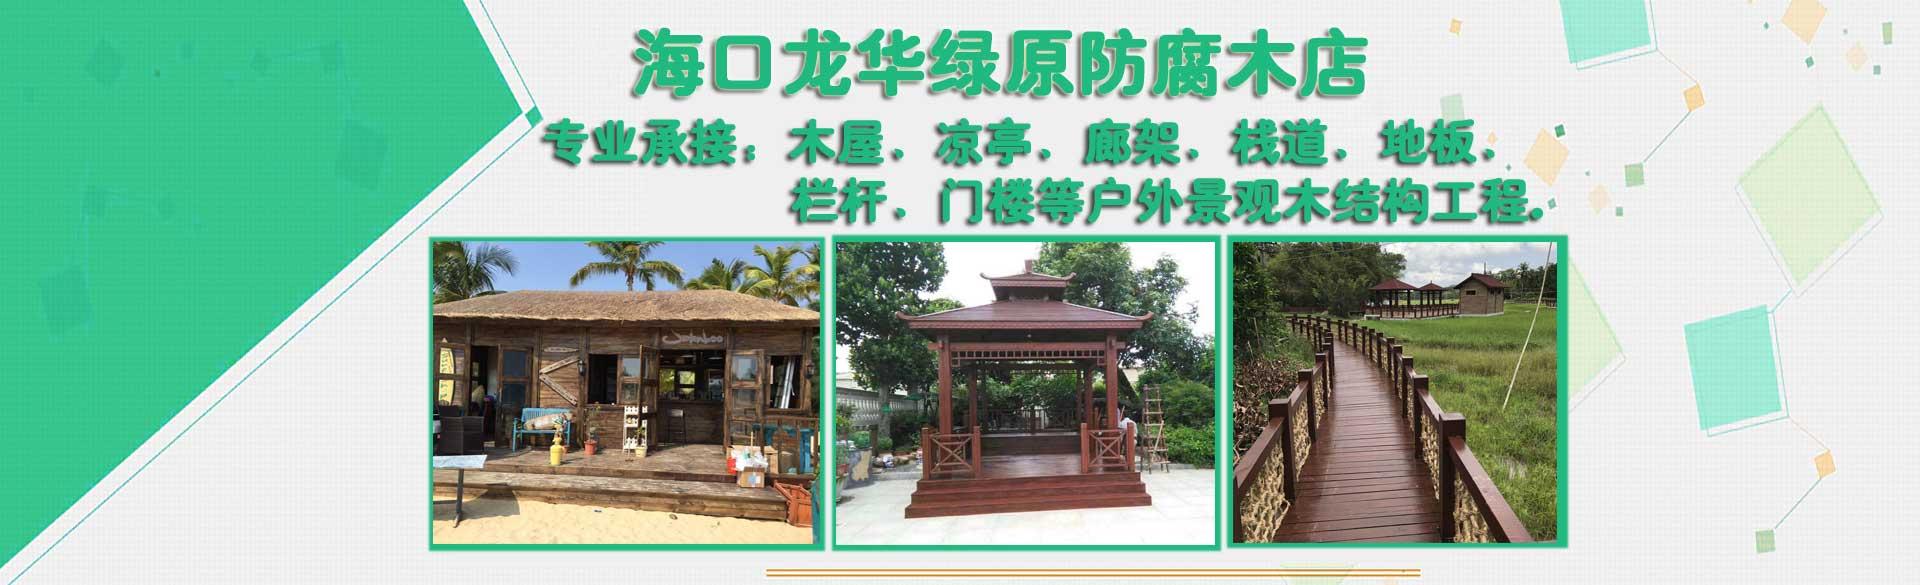 海南木屋banner